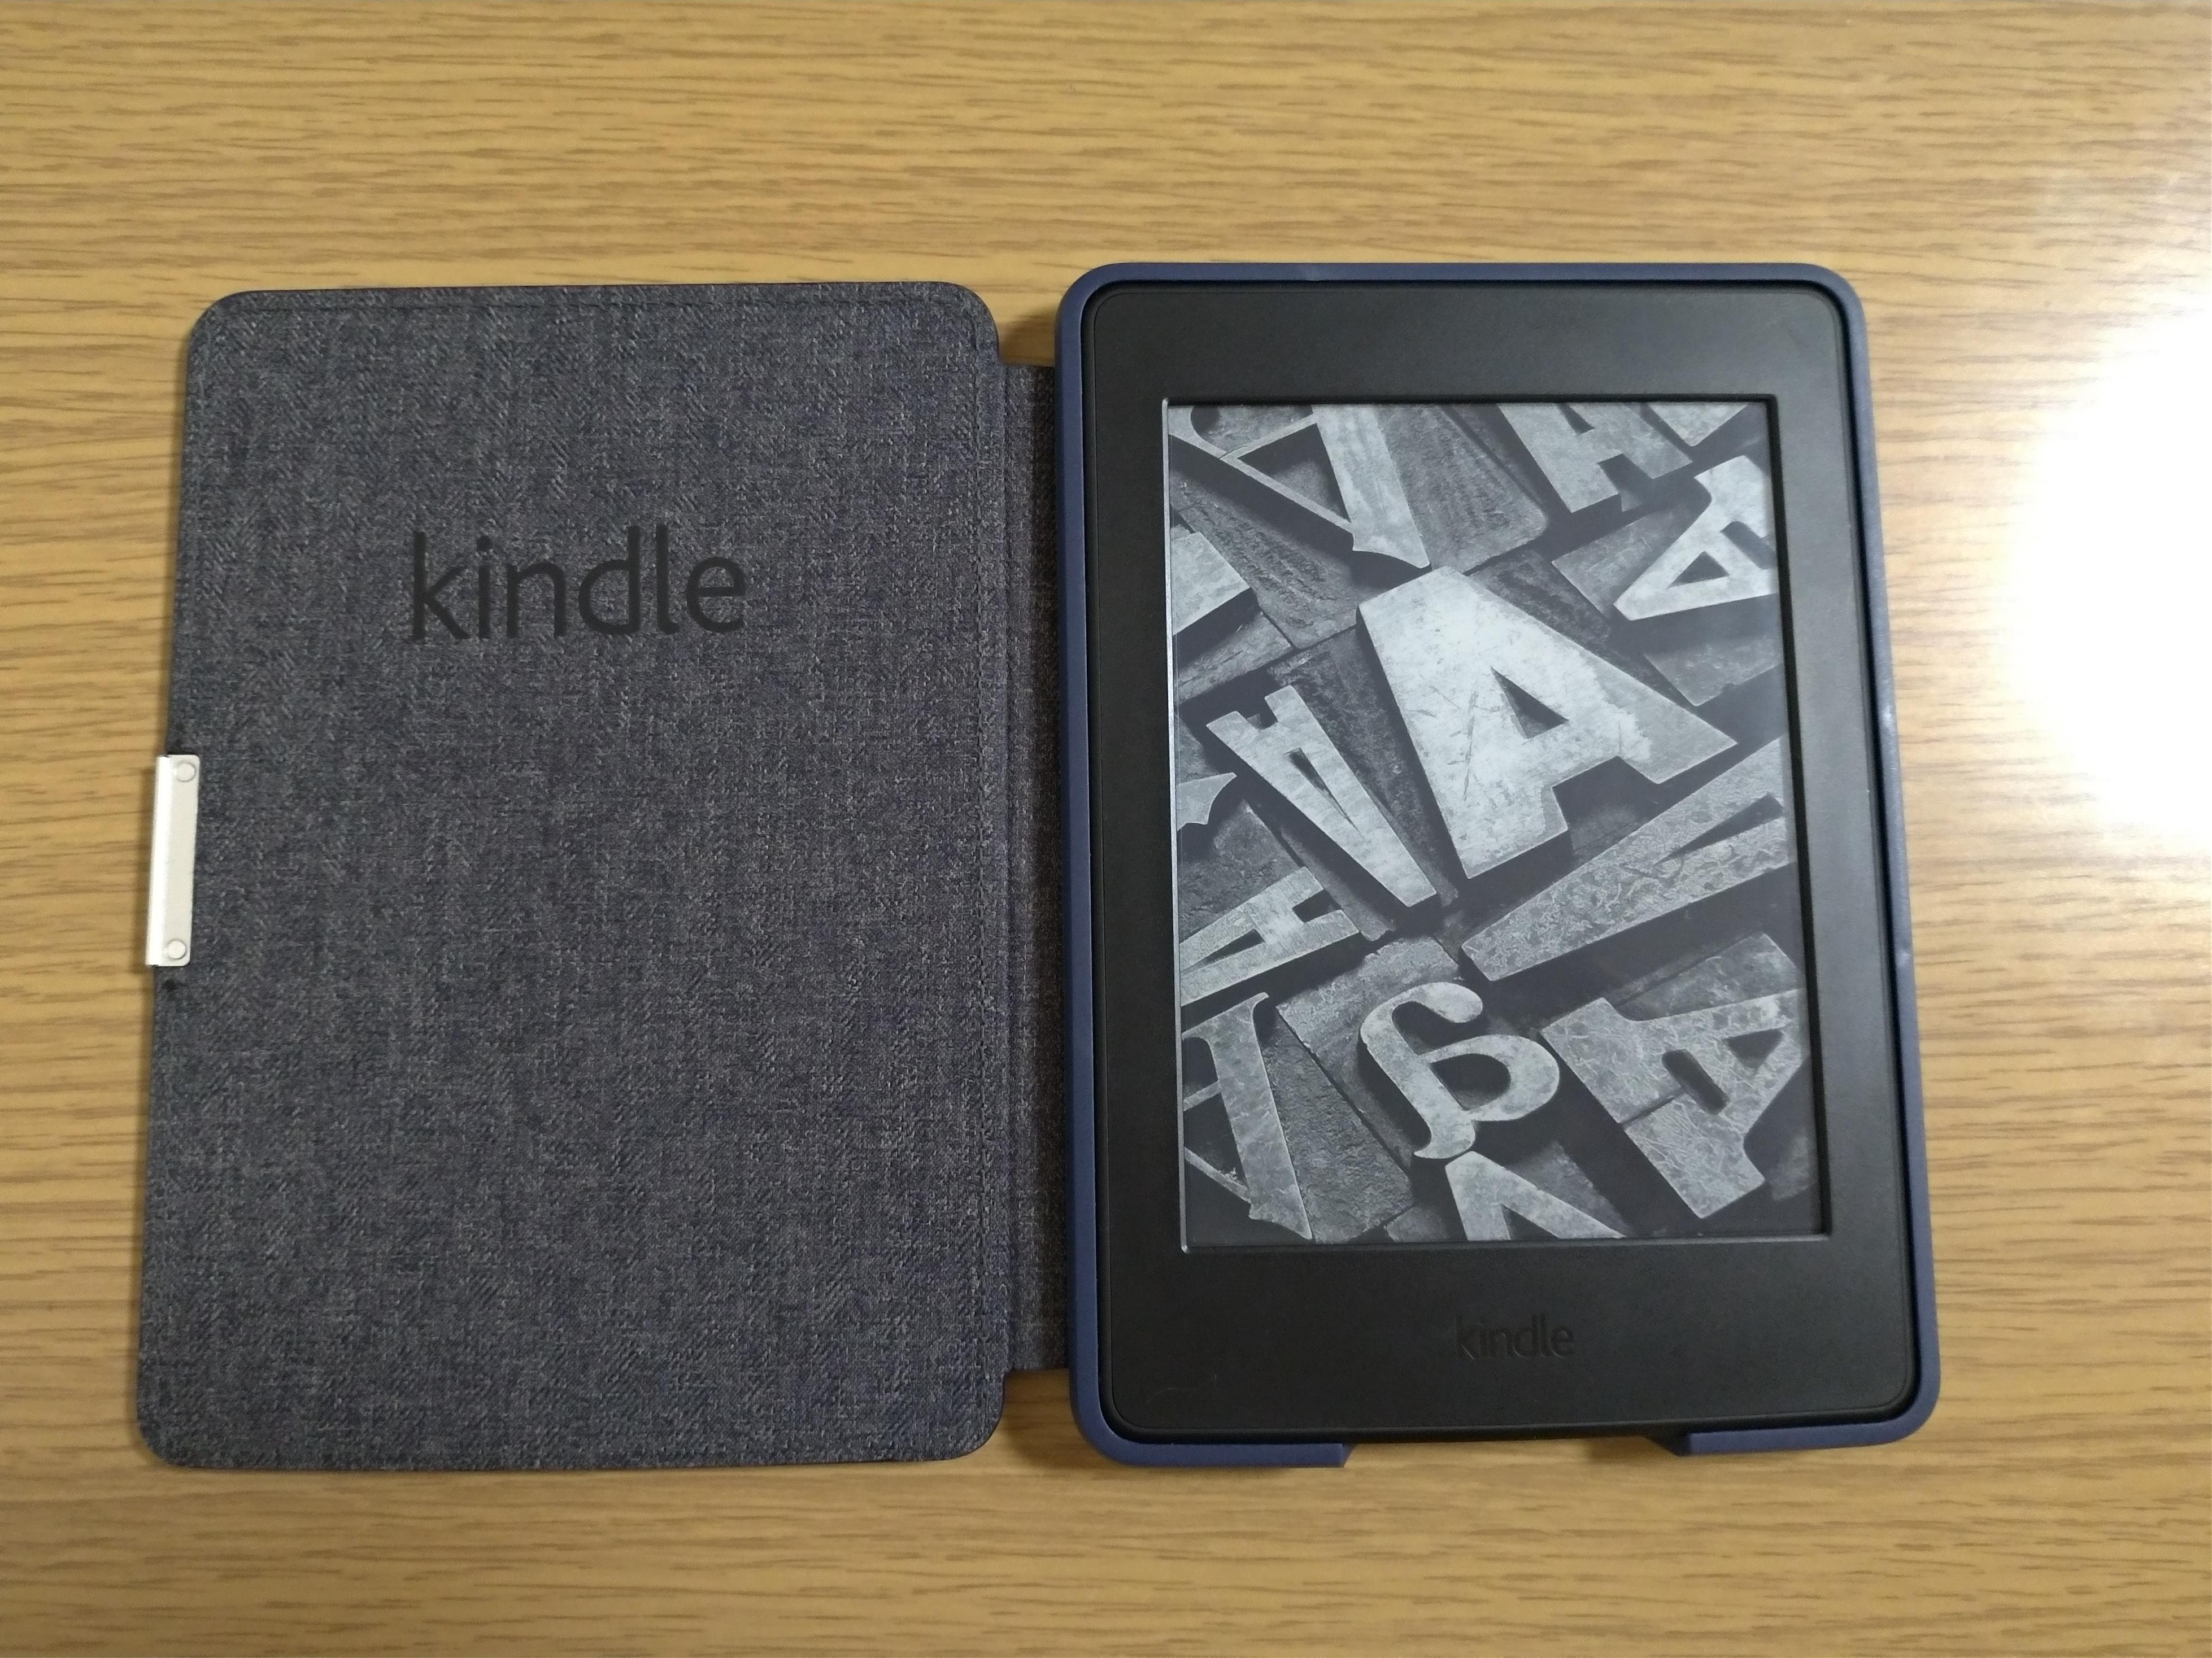 Kindleペーパーホワイト